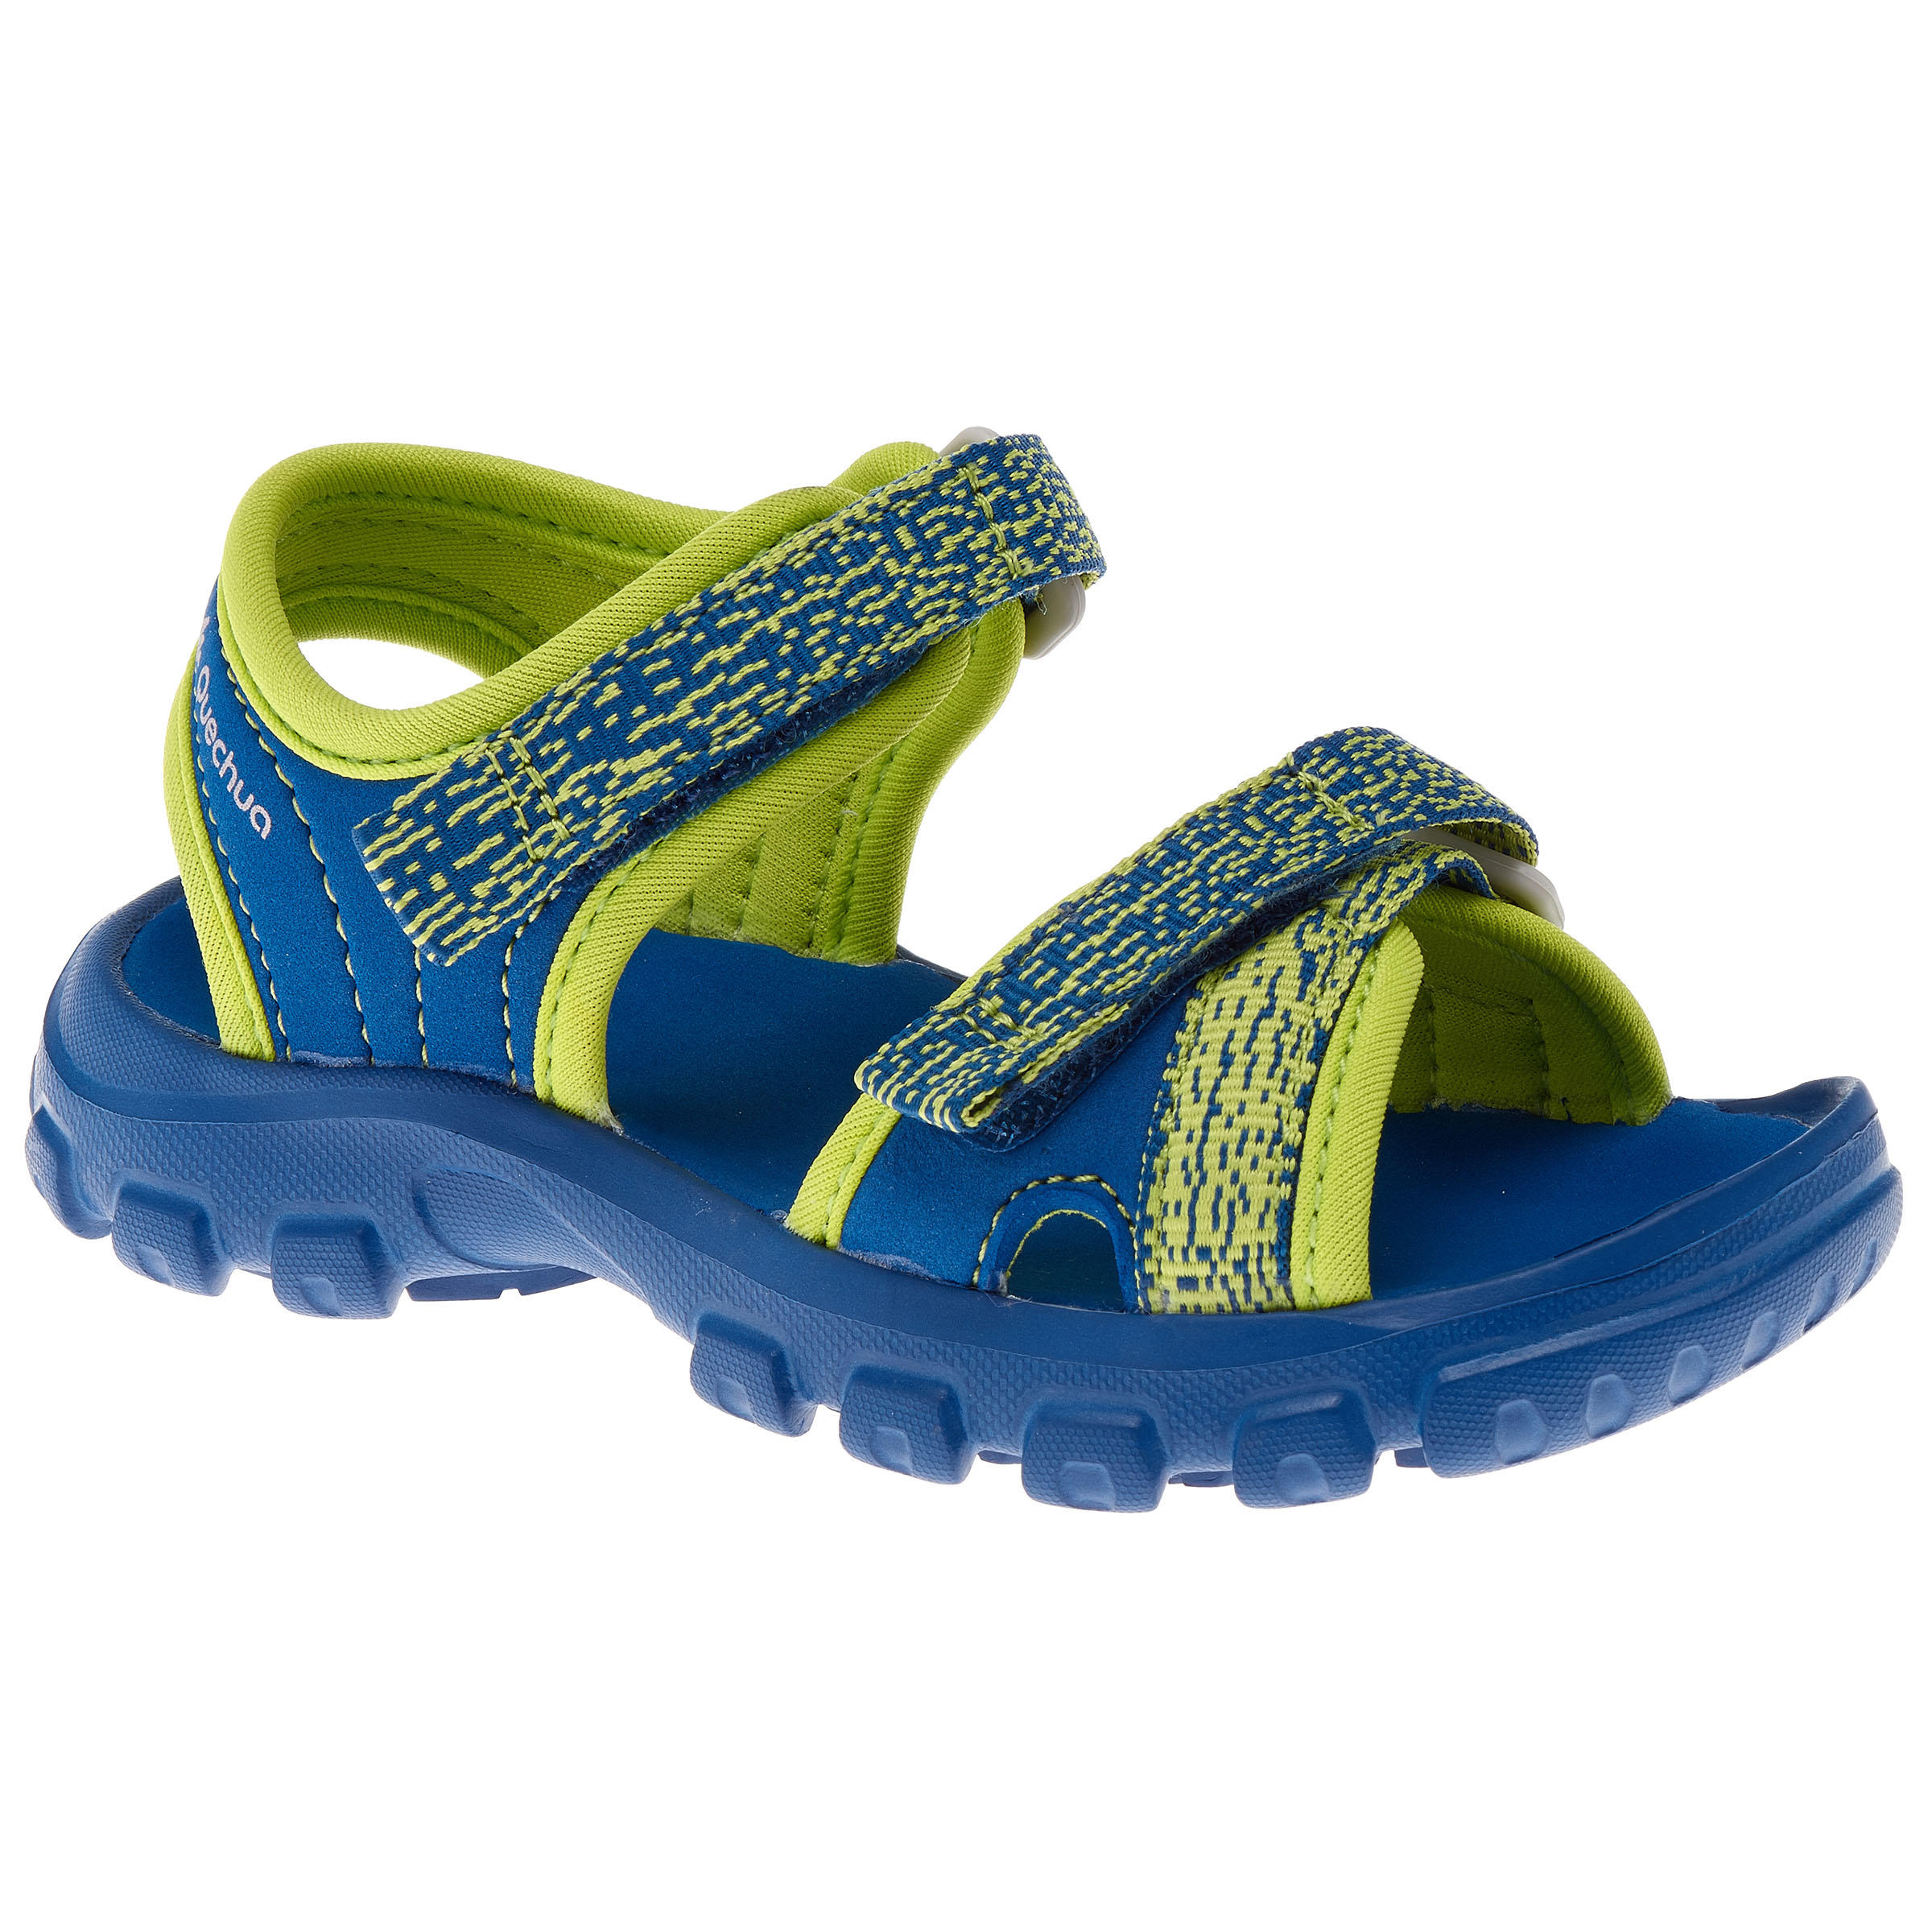 De Kid Enfant Mh100 Sandales Bleues Randonnée kXuZiP